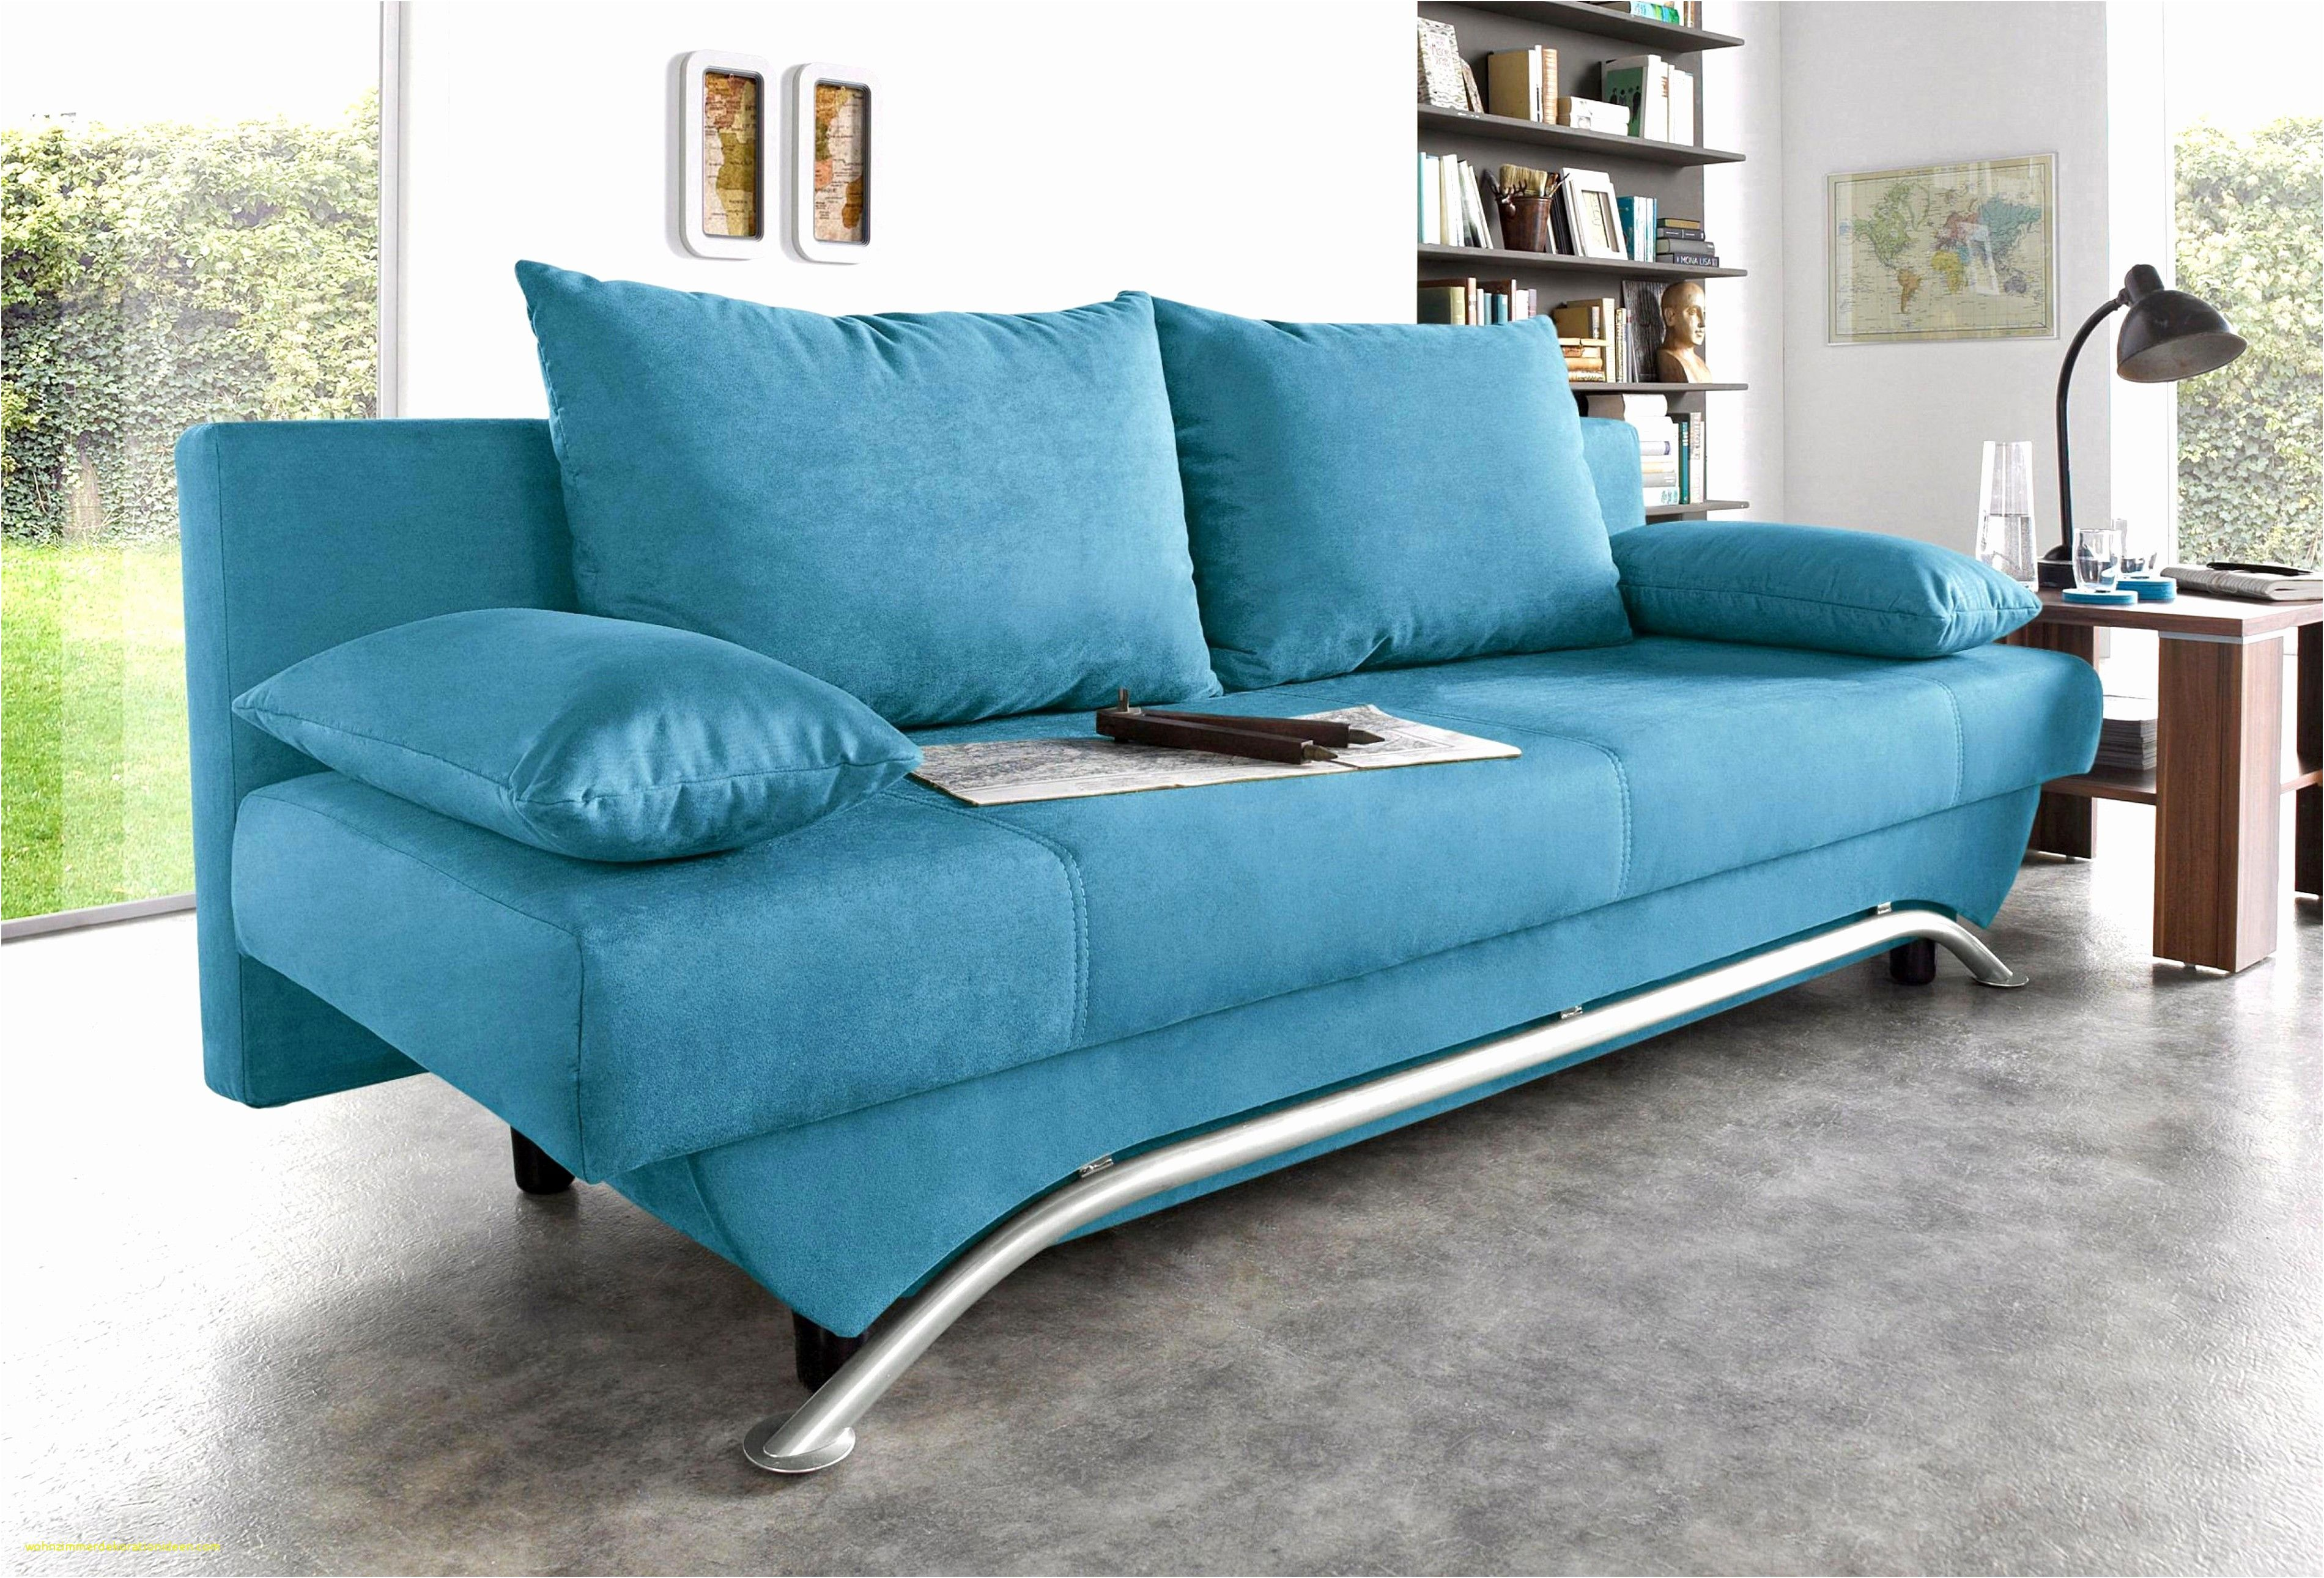 Big Sofa Xxl Luxus Big Sofa Leder Der Neueste Trend Fur Absolute Couchlandschaftxxl Di 2020